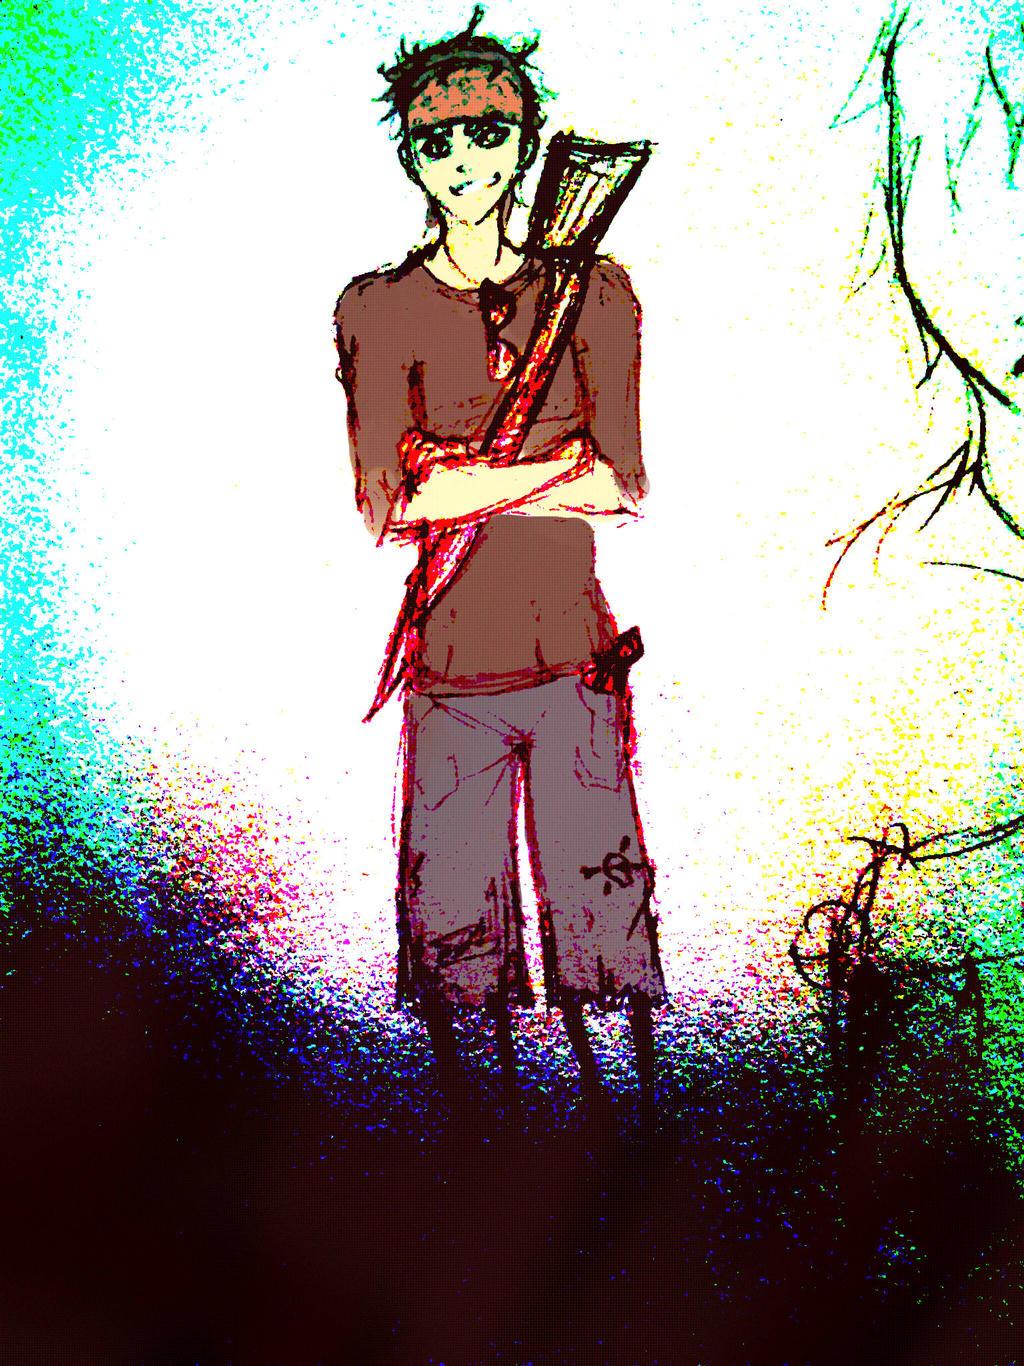 Logan aka mr pirate by mkat7 on deviantart - Monsieur pirate ...